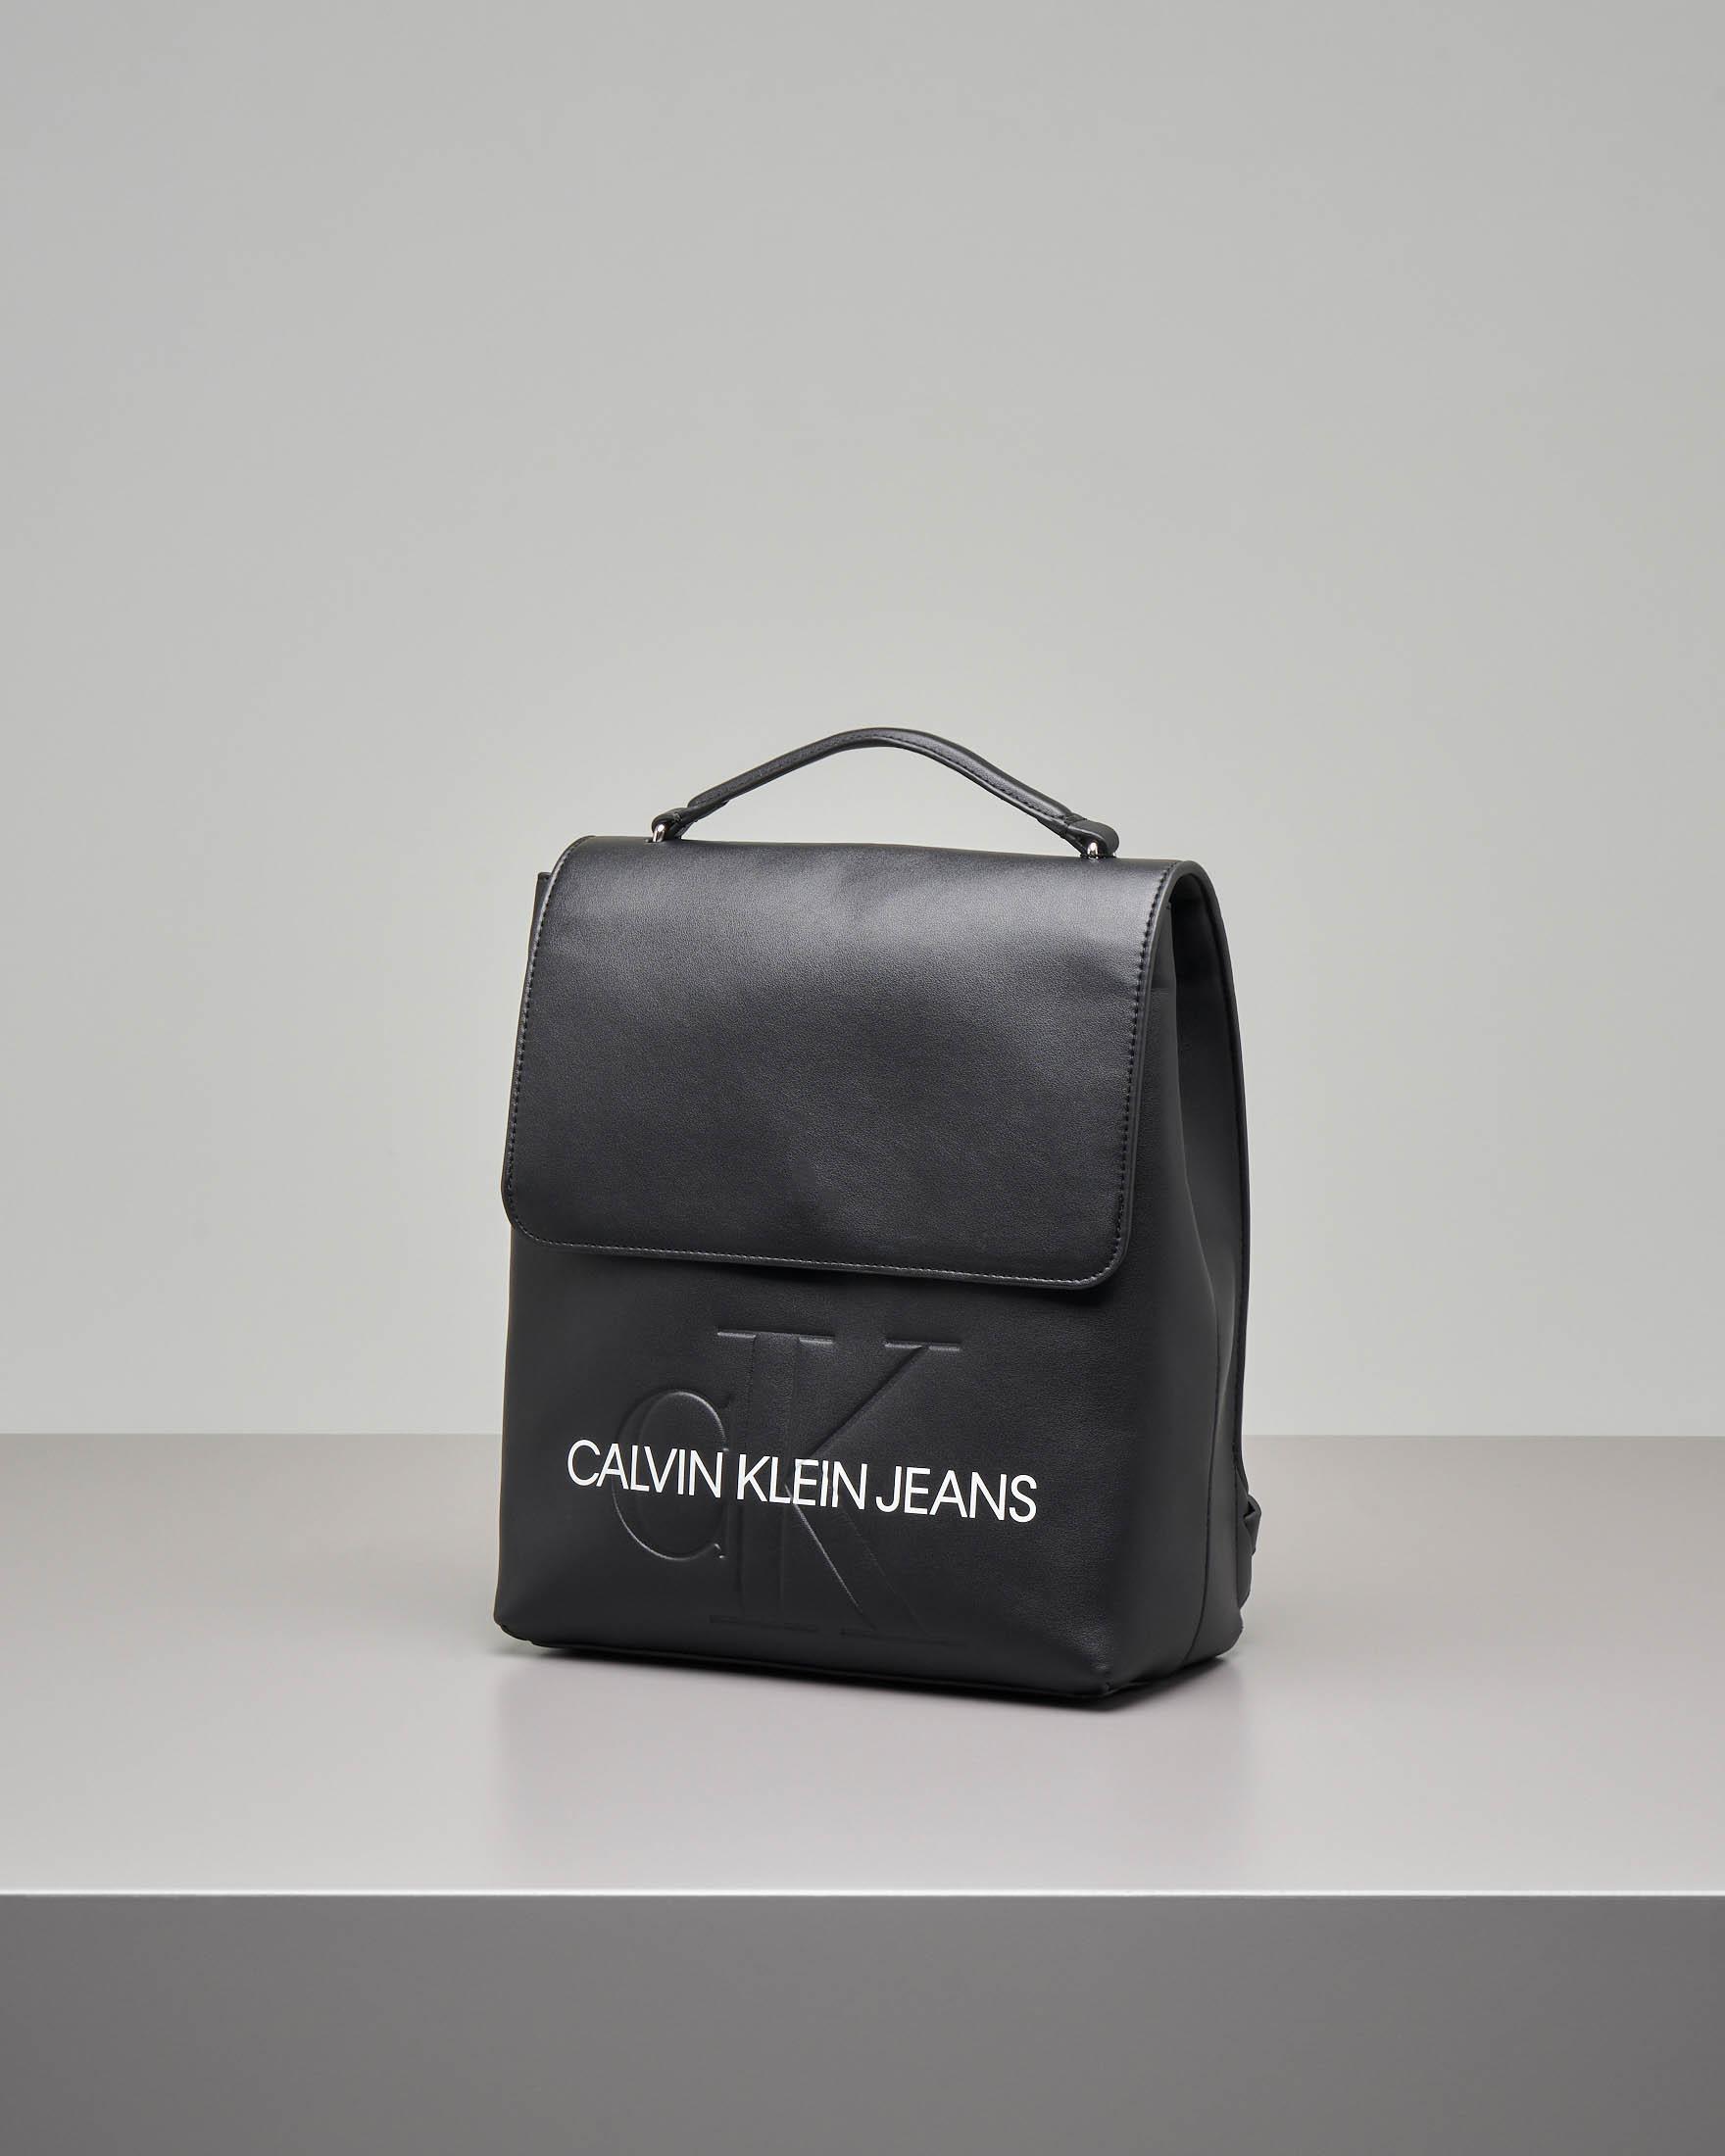 Zaino nero misura grande con chiusura a patella con scritta logo a contrasto